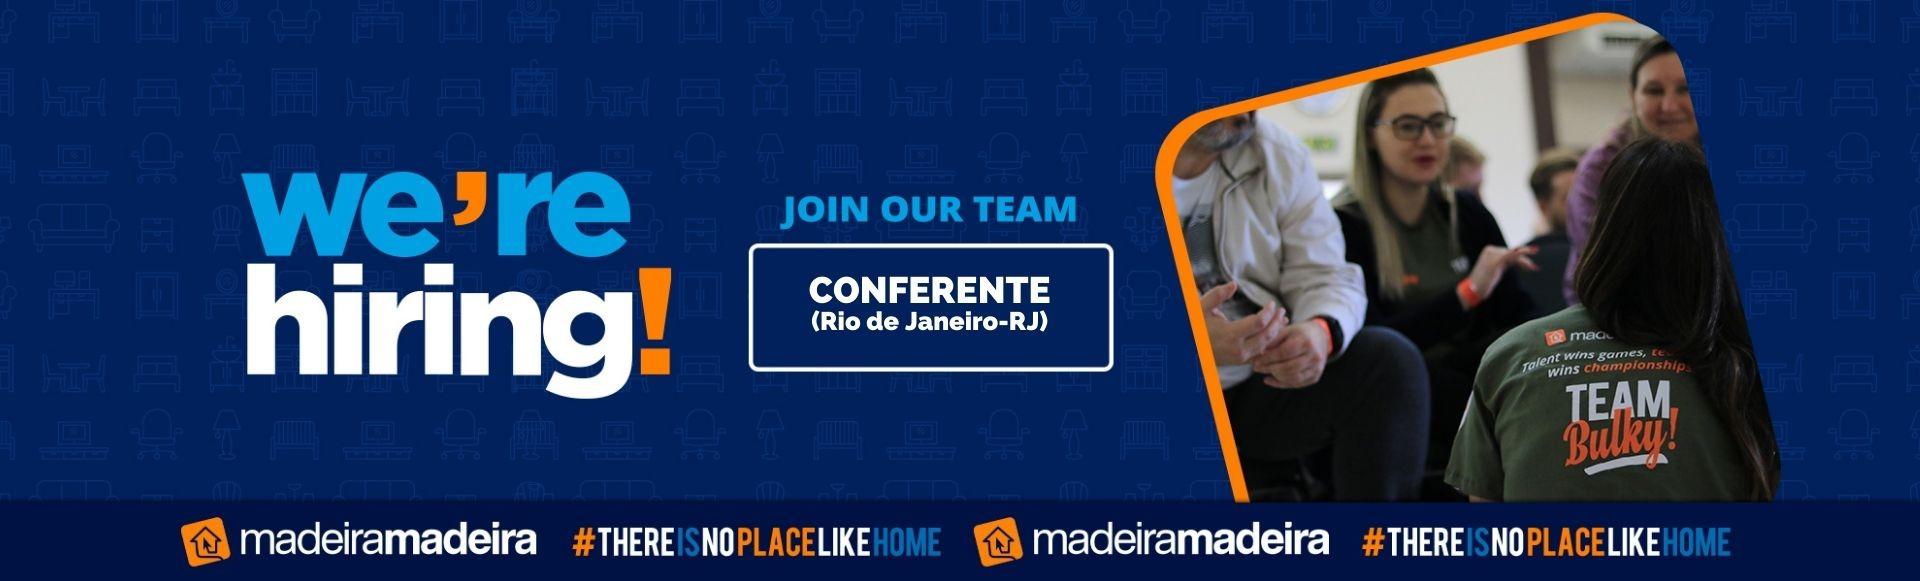 Conferente (Rio de Janeiro-RJ)